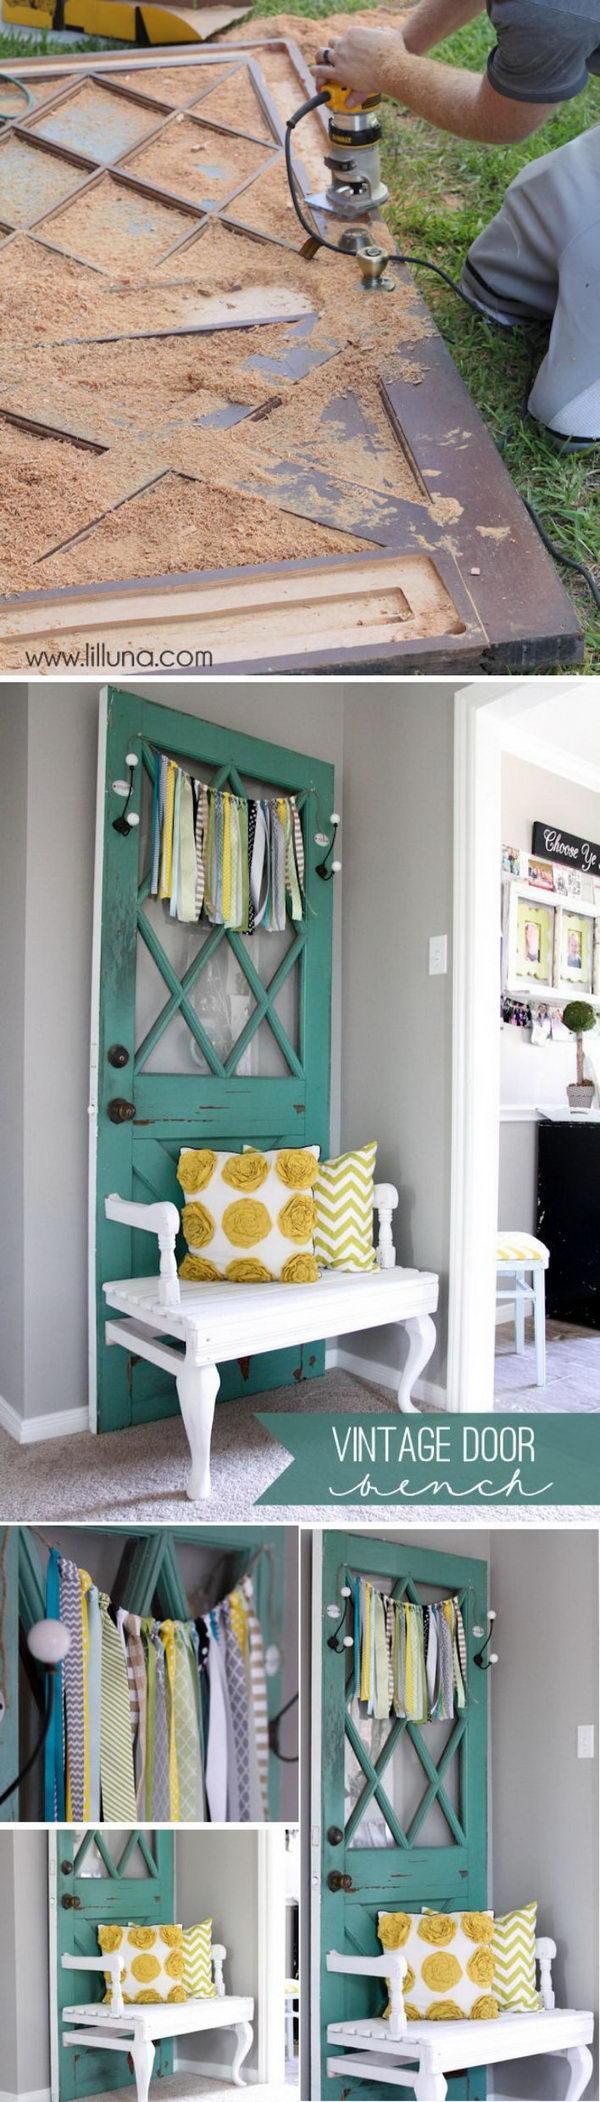 Reuse an Old Door to Make Vintage Door Bench.